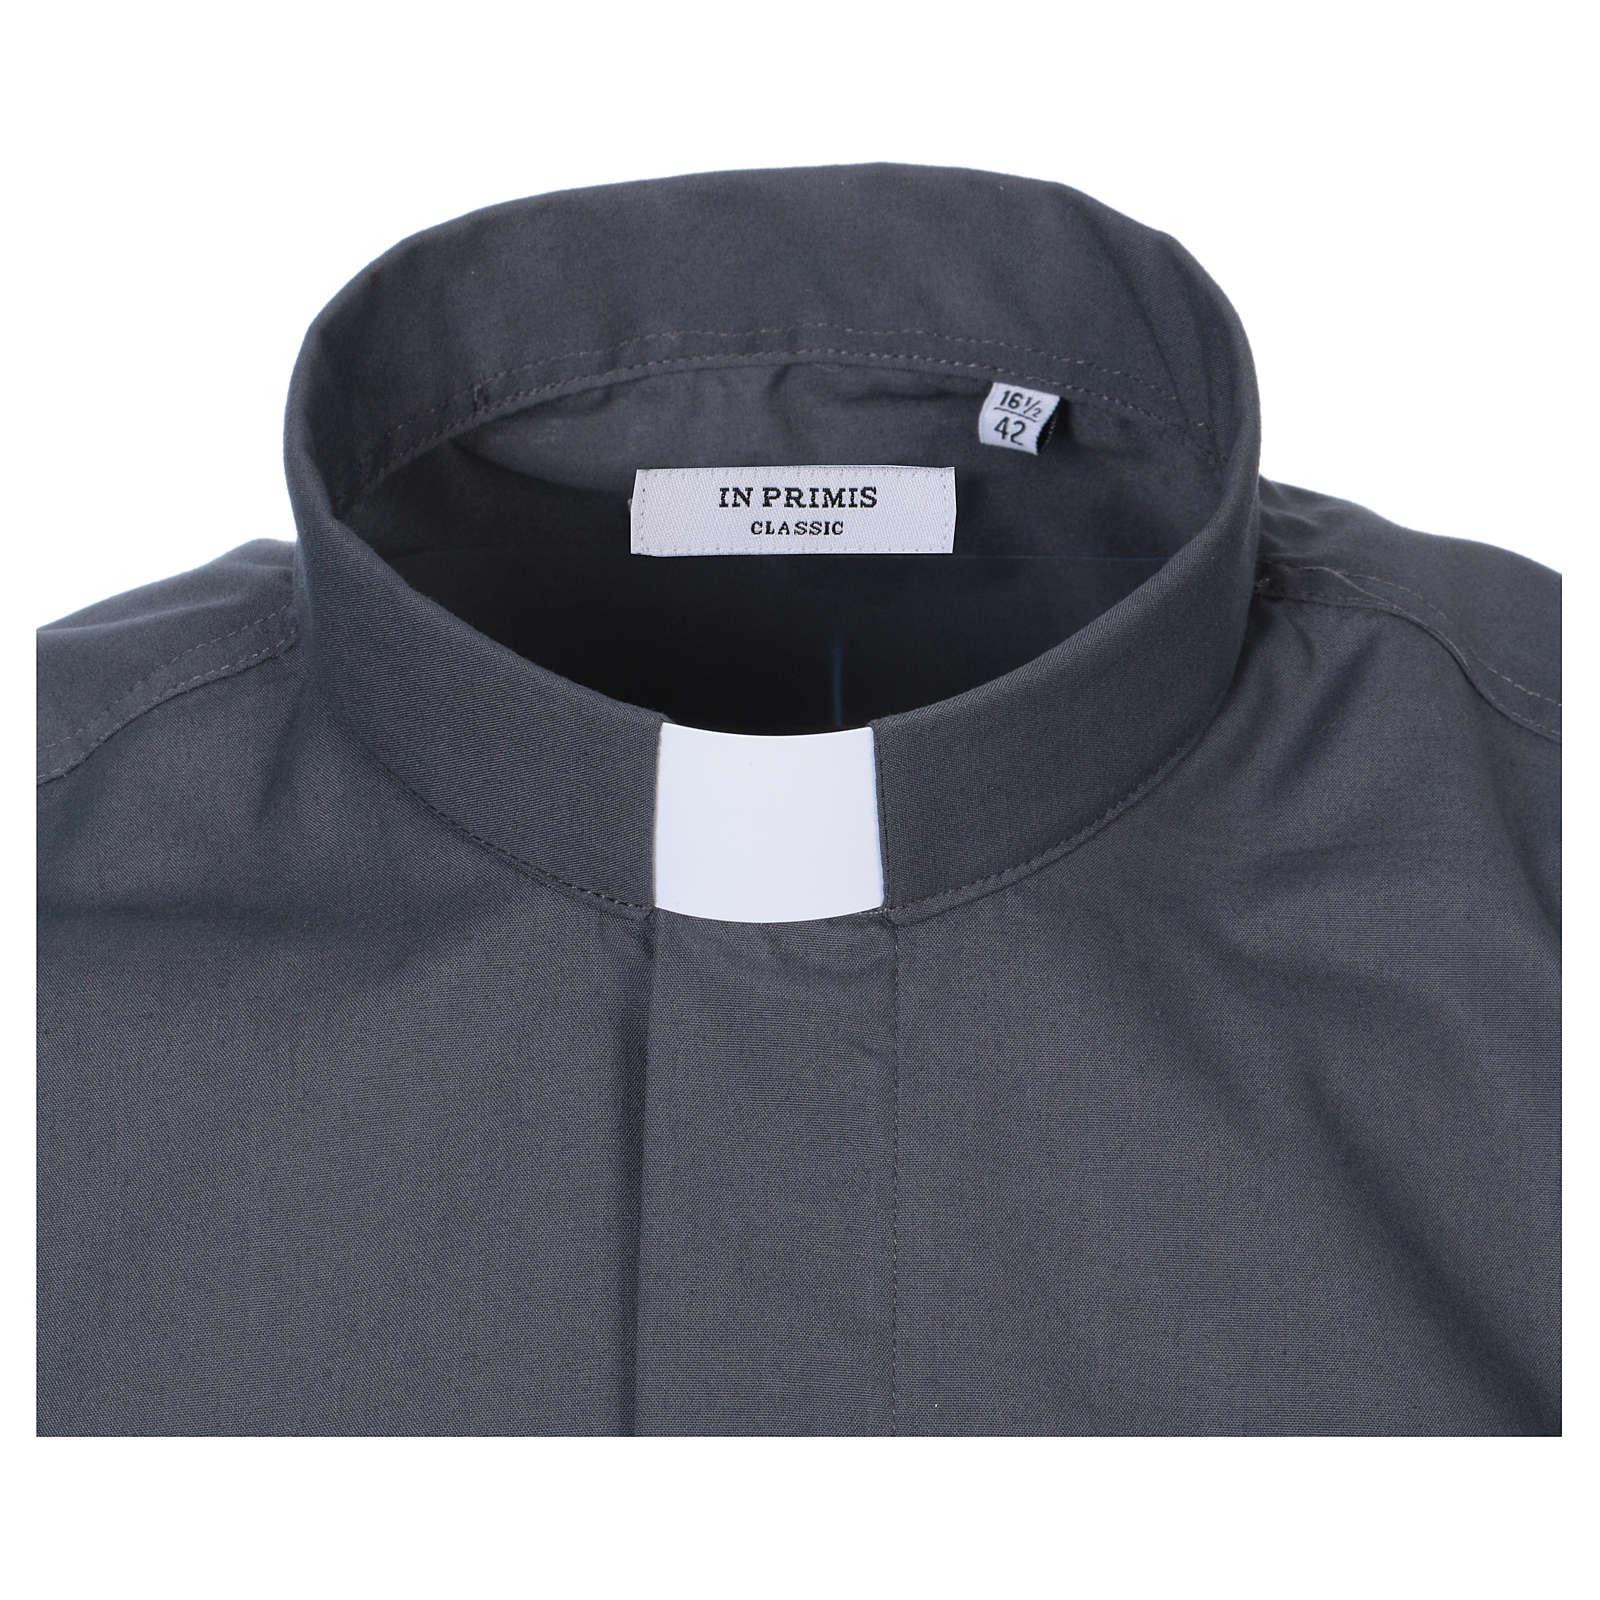 Koszula pod koloratkę rękaw krótki ciemny szary mieszana 4